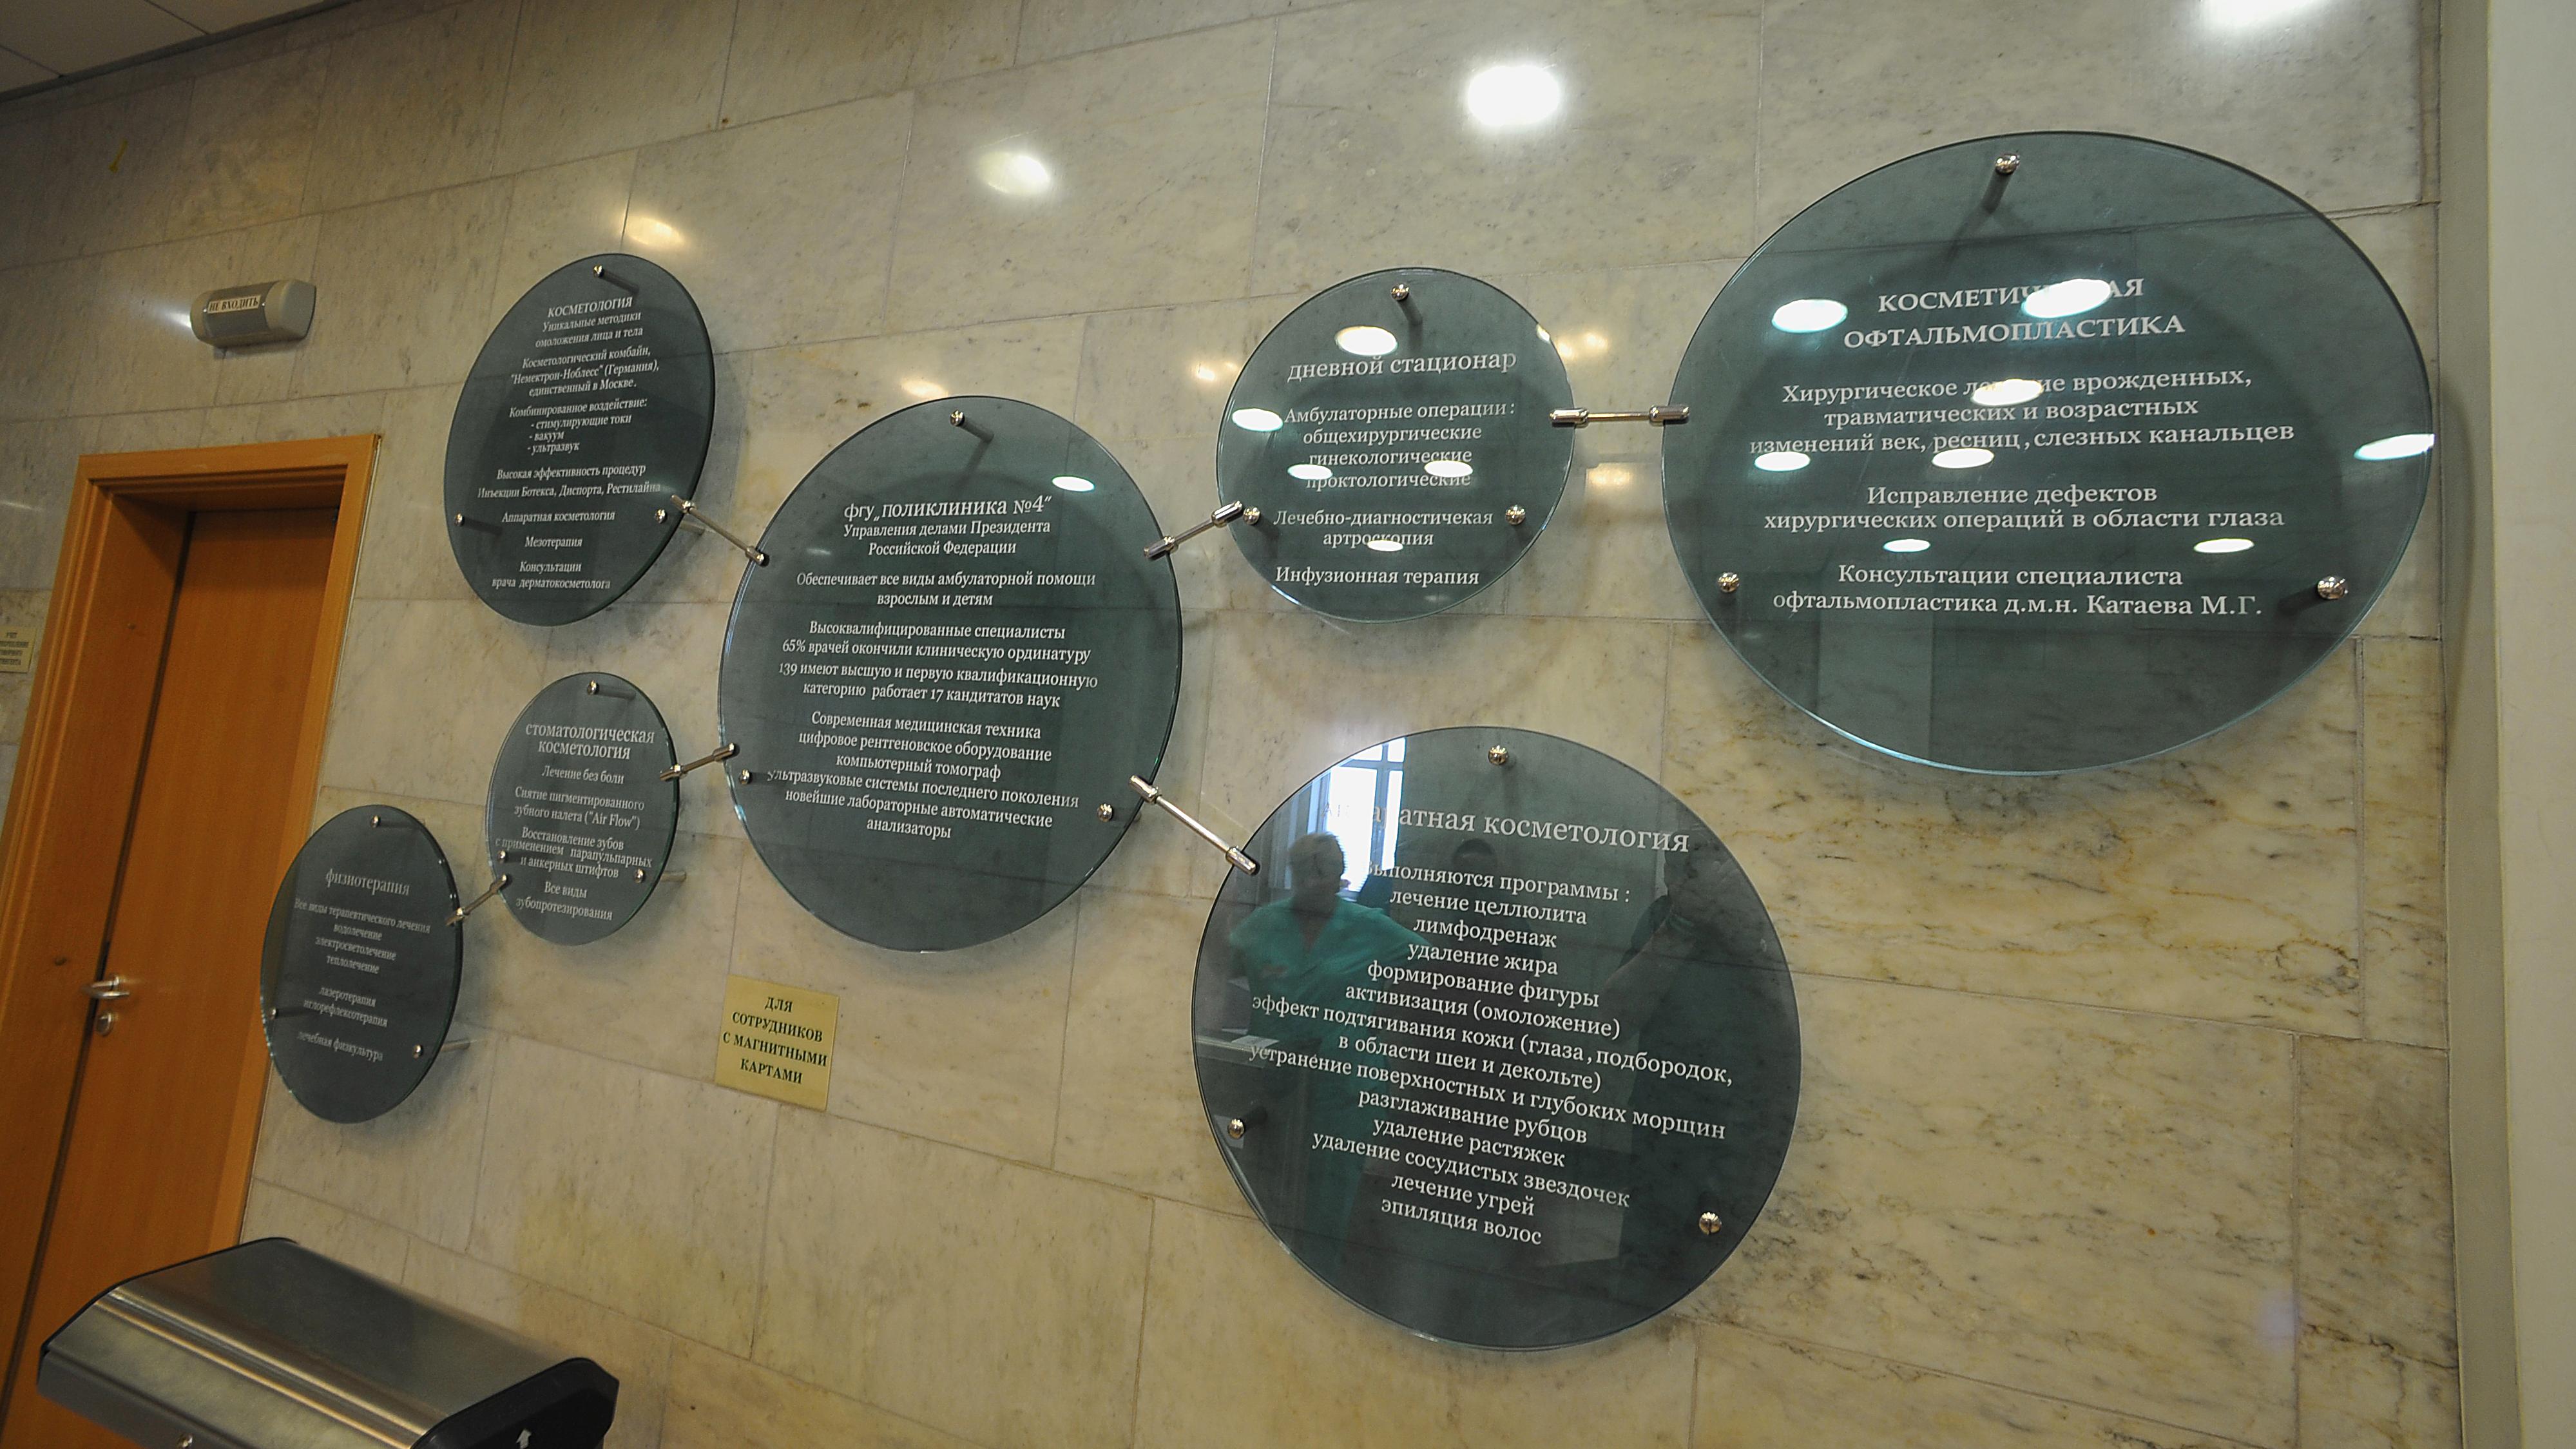 Медицинские профили учреждения